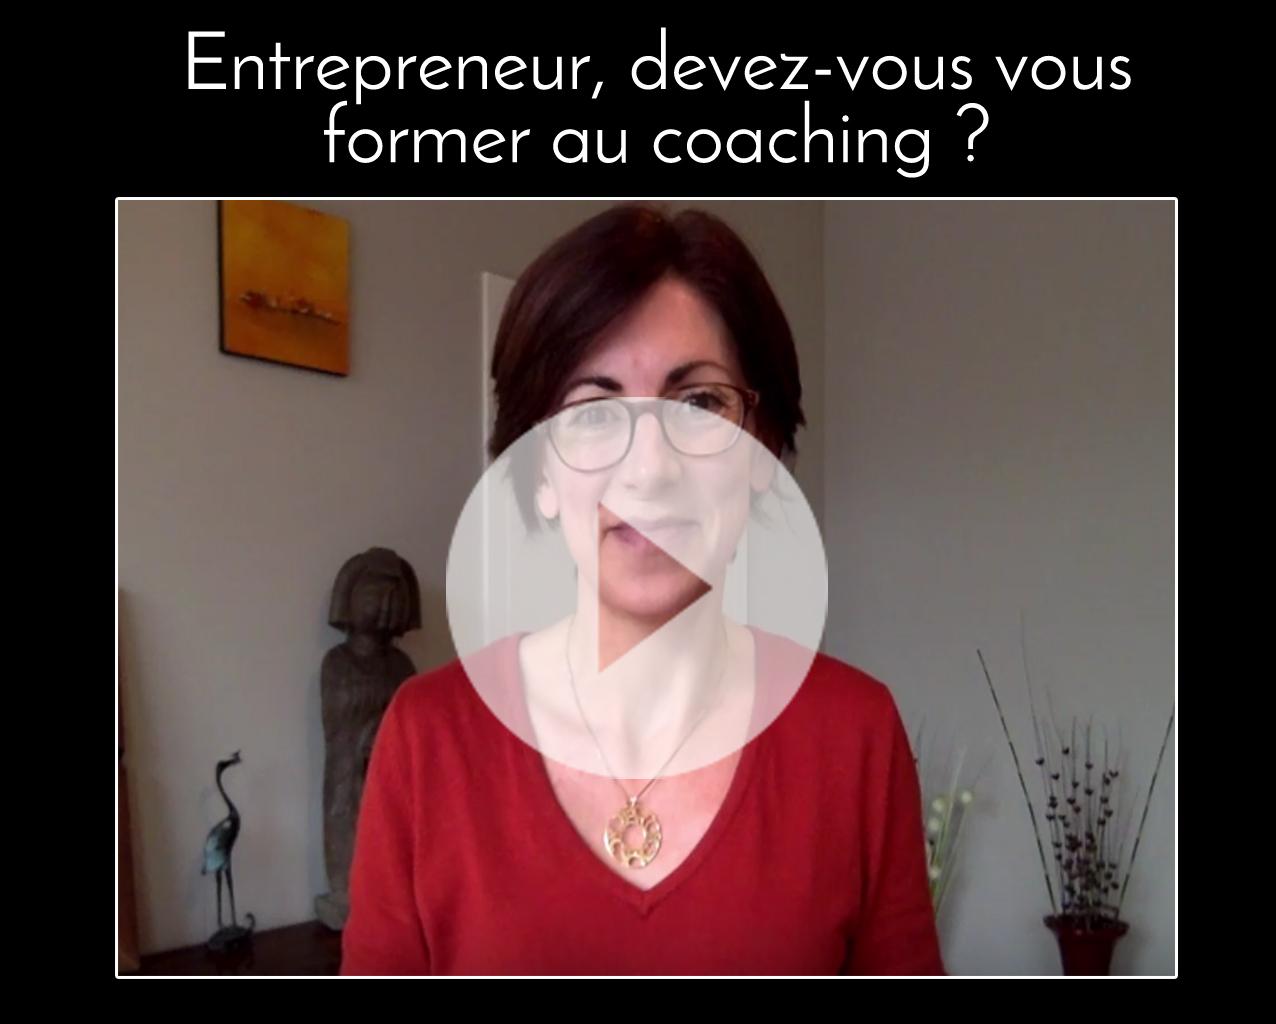 Entrepreneur : devez-vous vous former au coaching ?